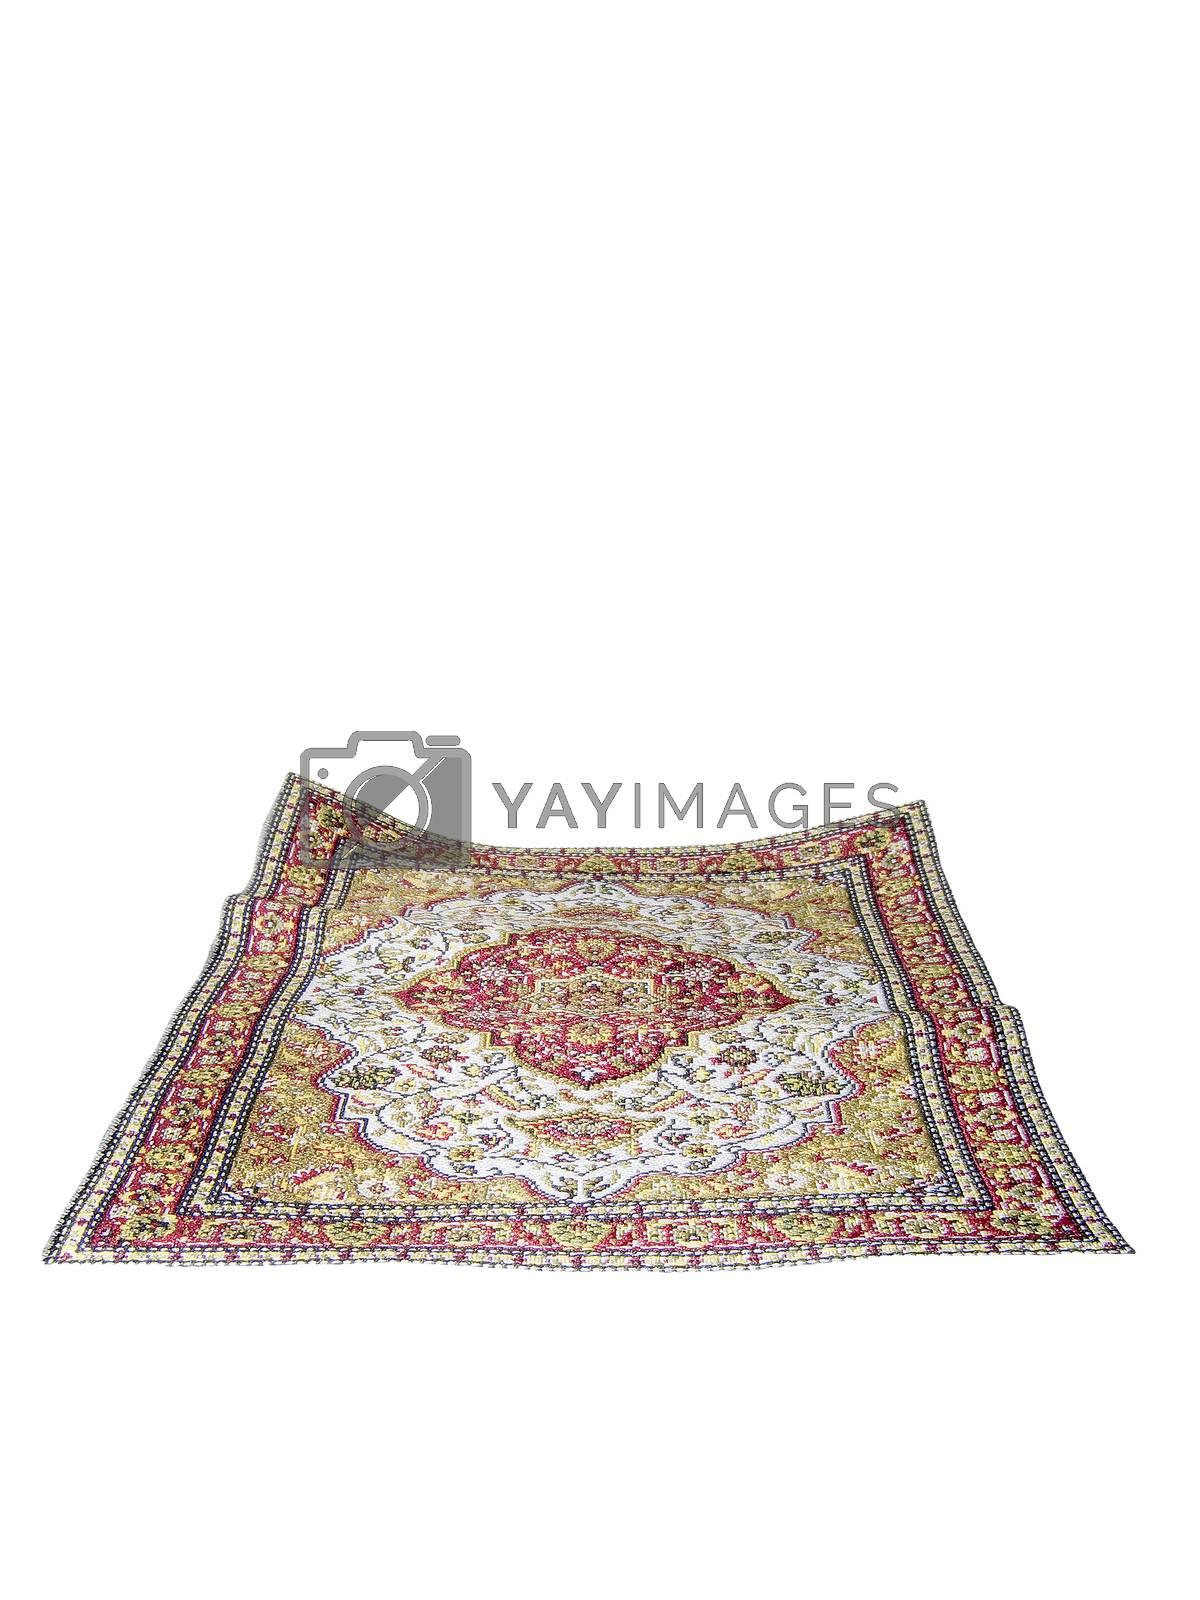 turkish carpet isolated on white background